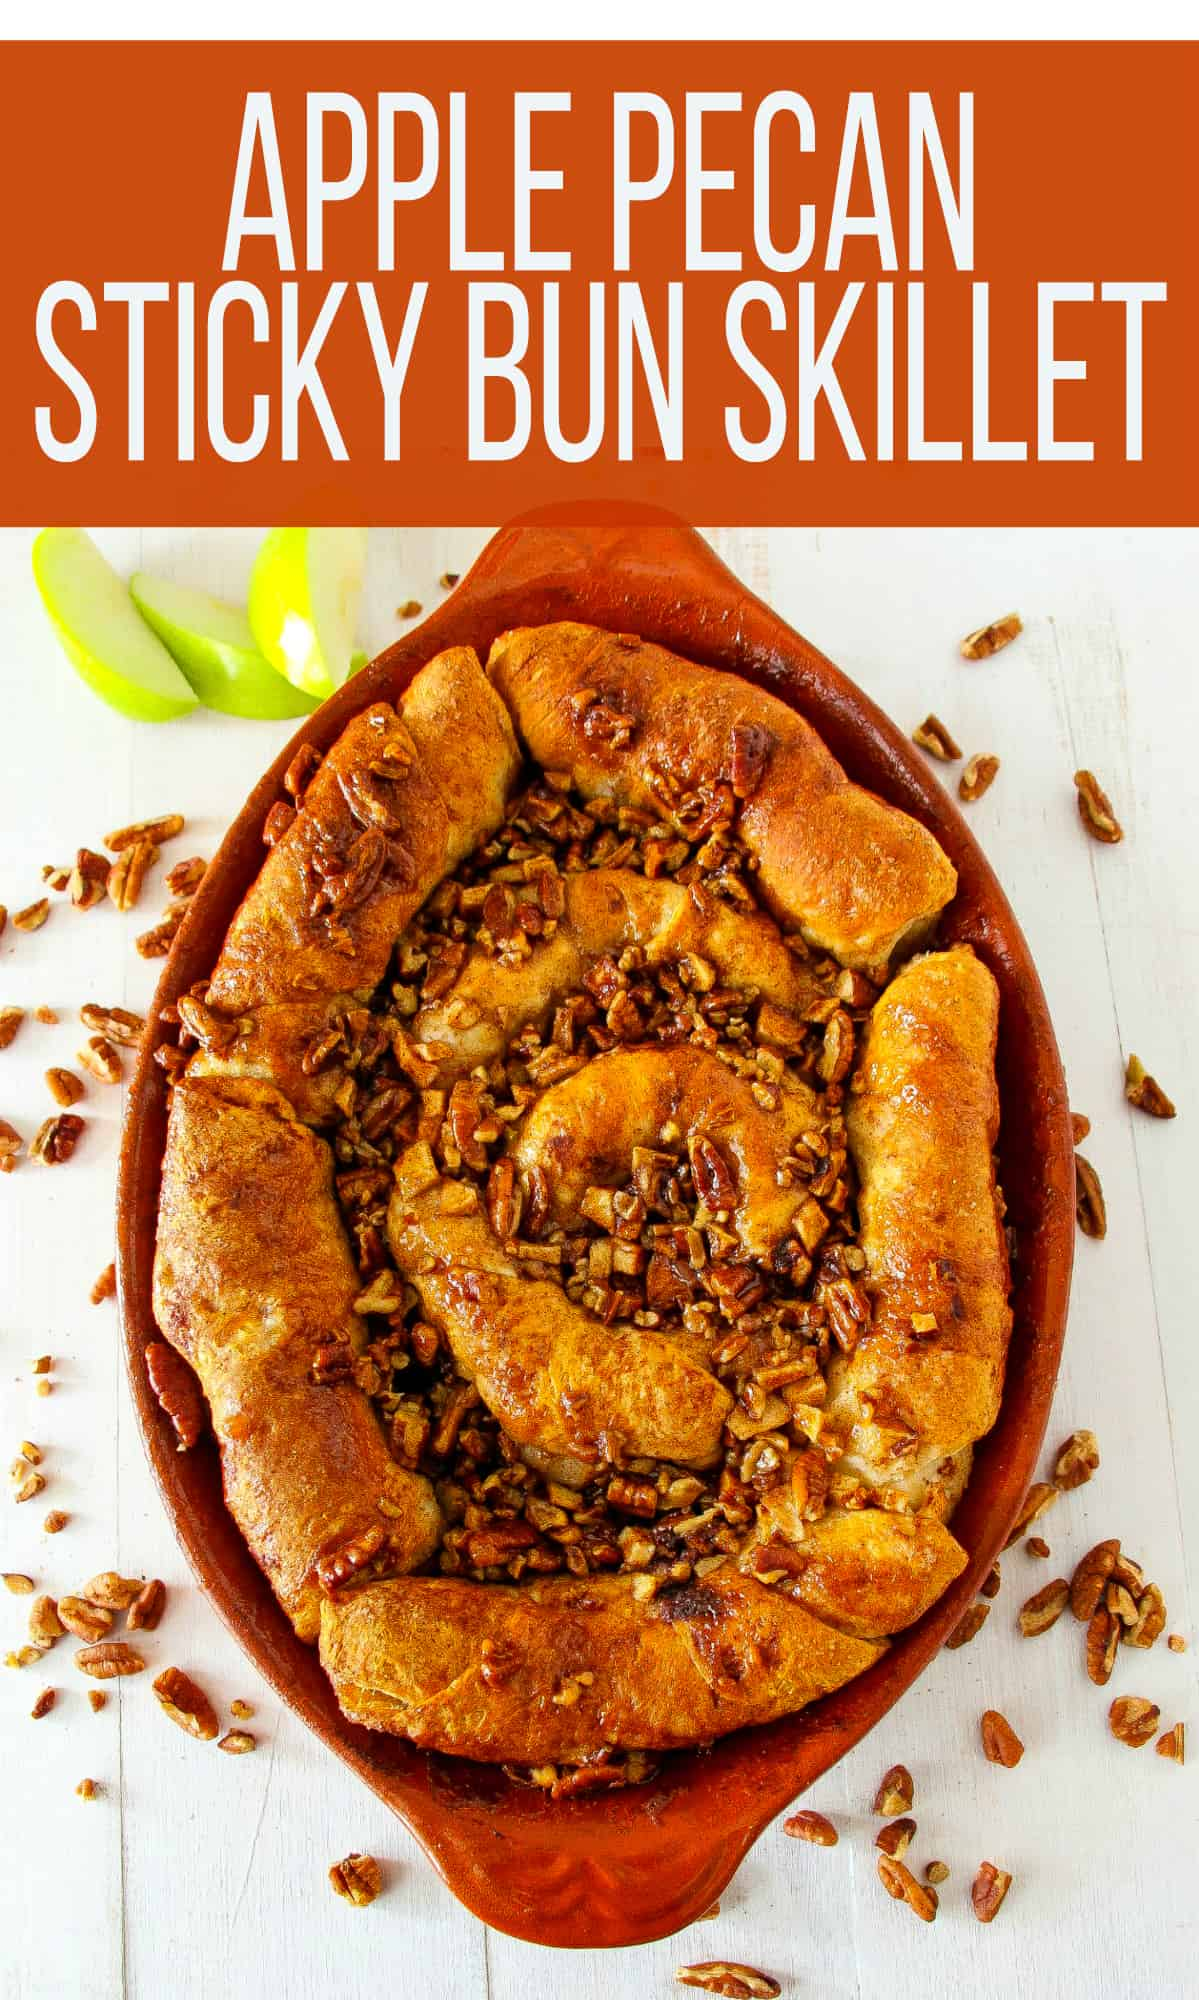 apple-pecan-sticky-bun-12